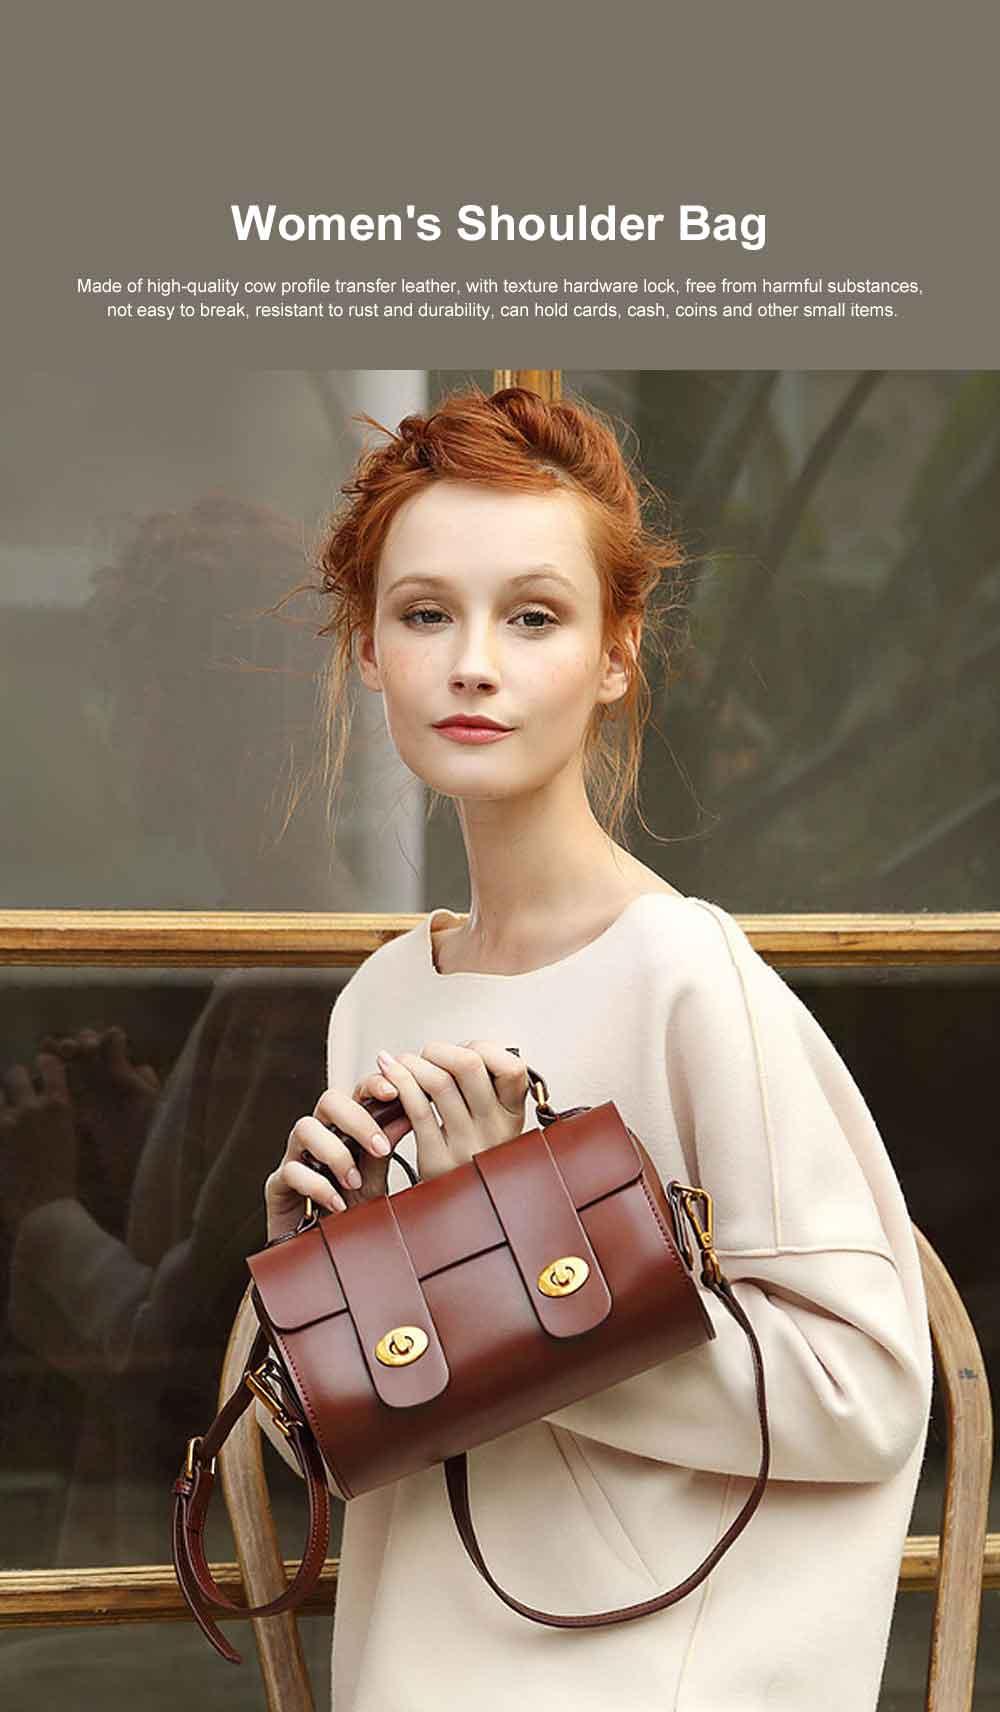 Women's Shoulder Bag Leather Handbag with Hardware Adjusting Buckle Holding Cards, Cash, Coins Crossbody Bag 0